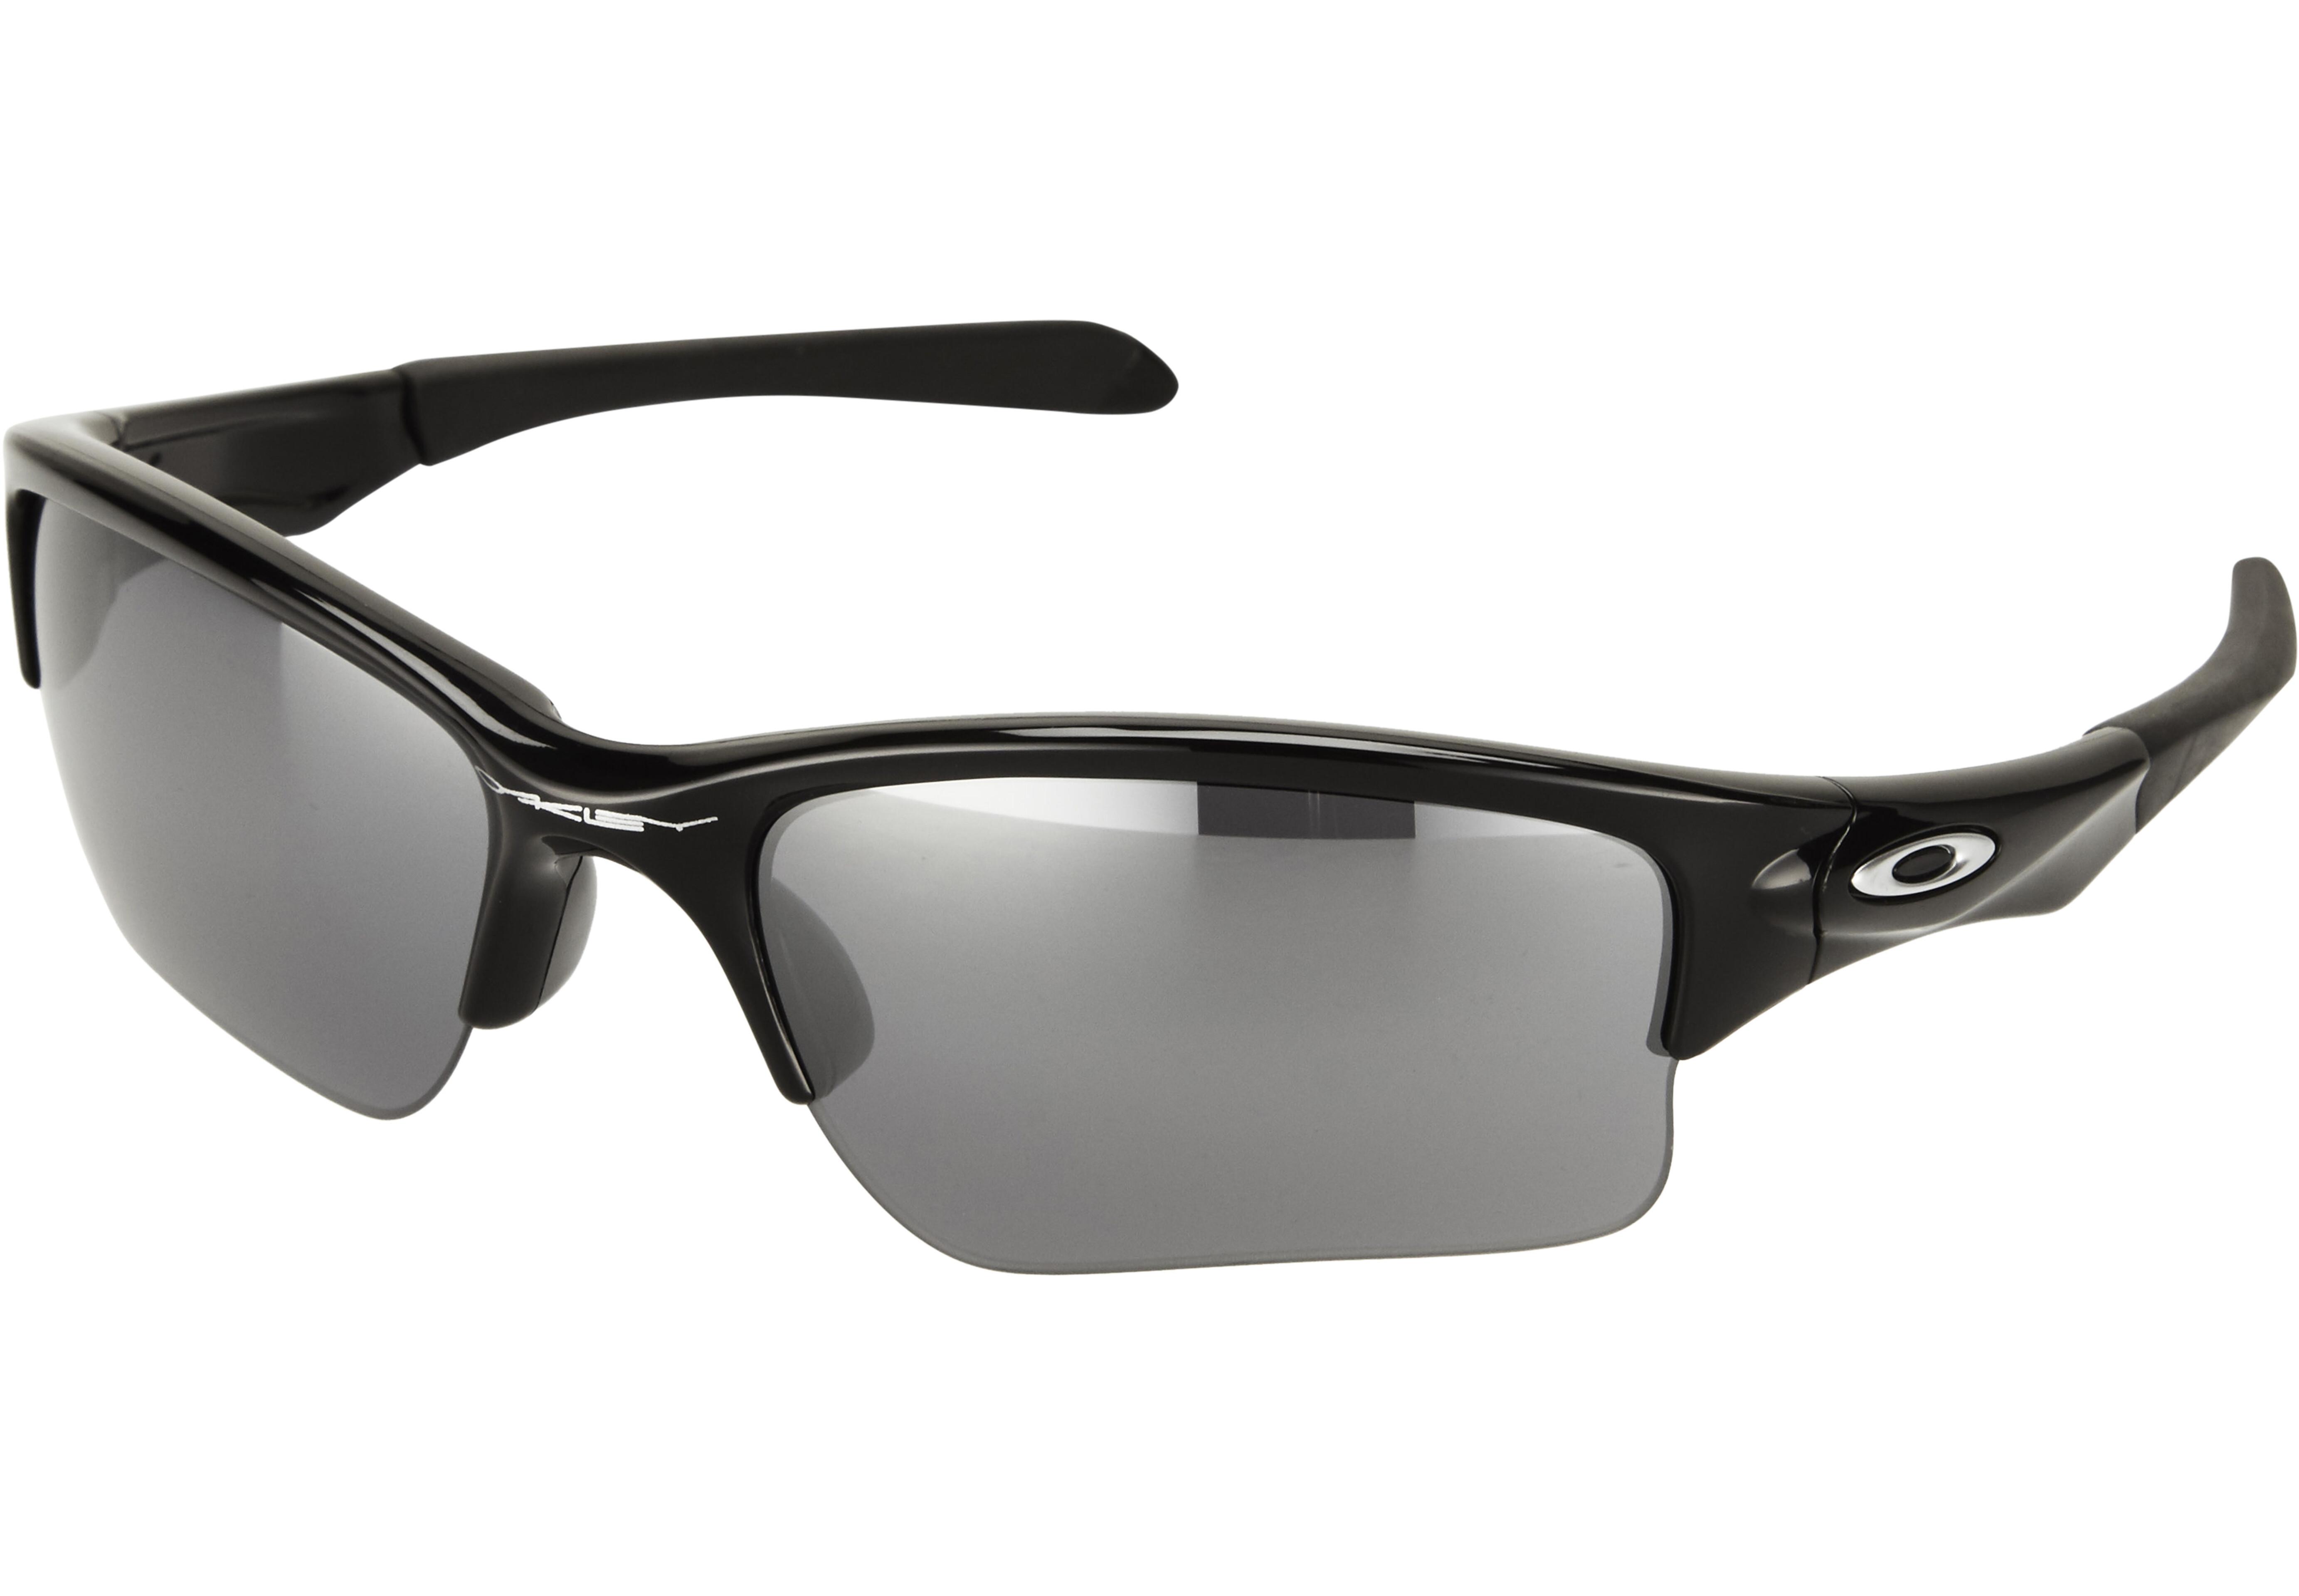 d1f8569f6ba28 Oakley Quarter Jacket - Lunettes cyclisme Enfant - noir - Boutique ...